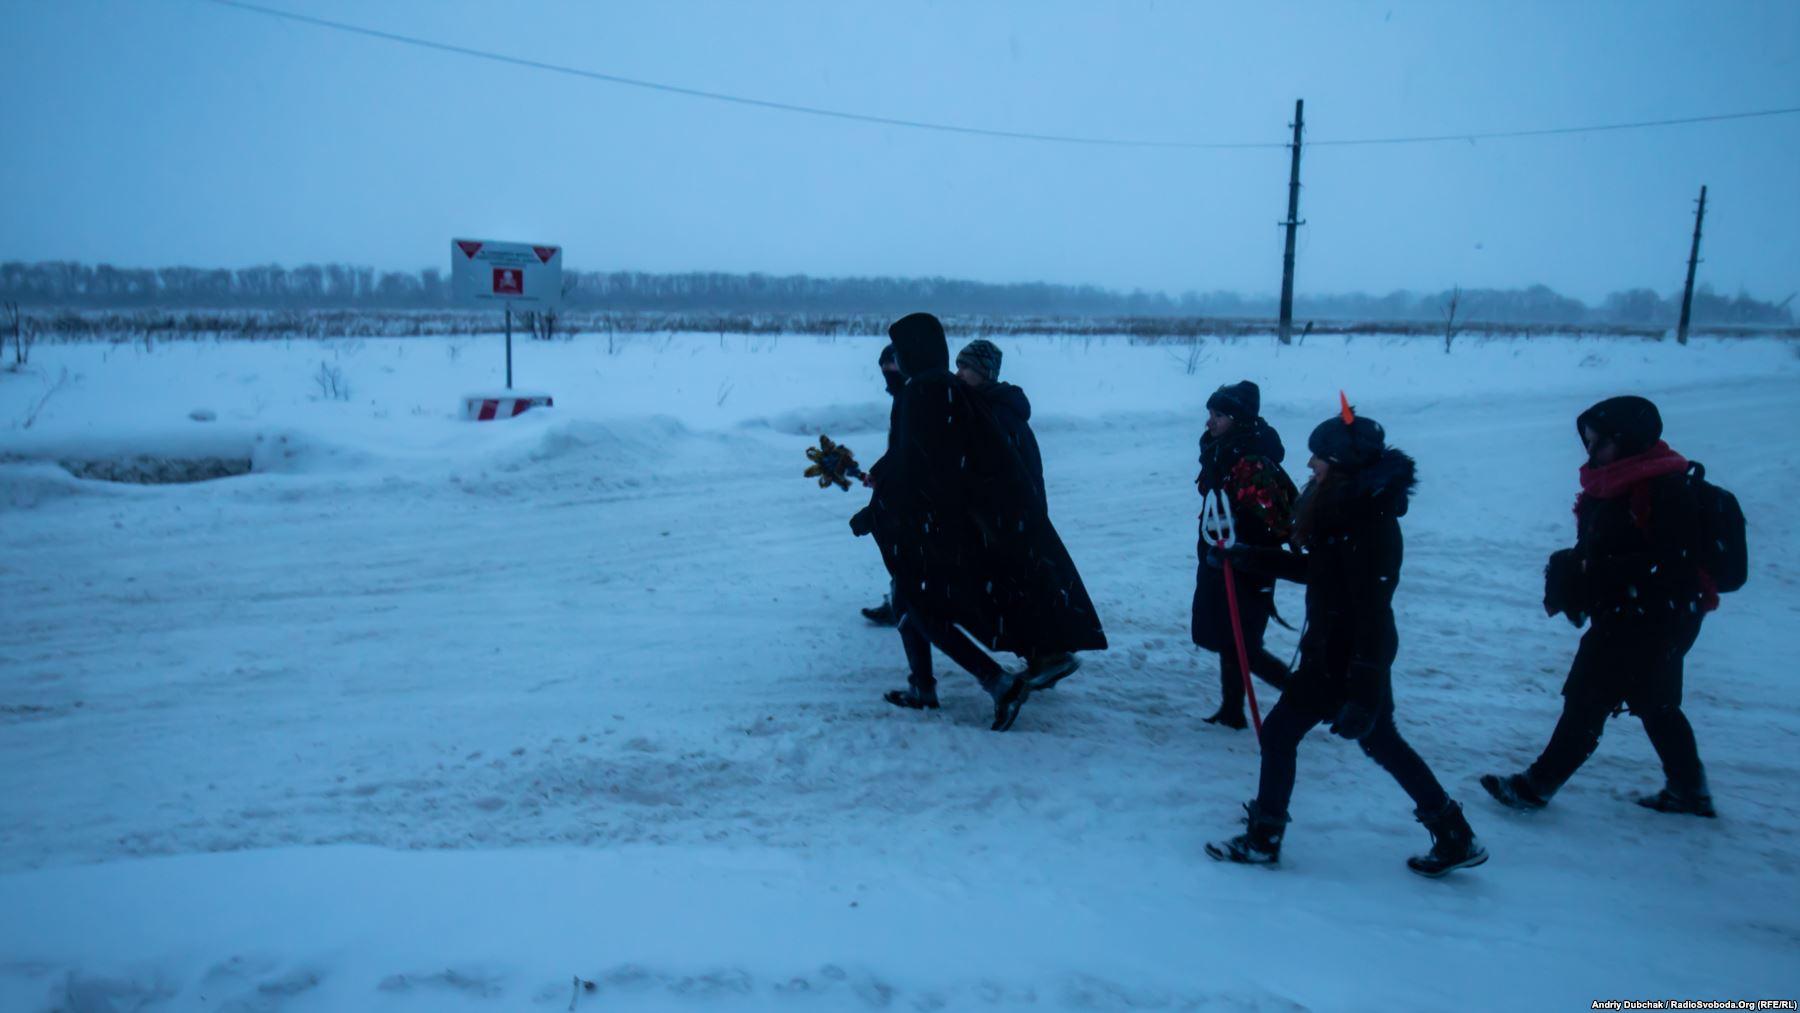 Пласт. Діти колядують на лінії фронту у Авдіївці. Фото - Андрій Дубчак